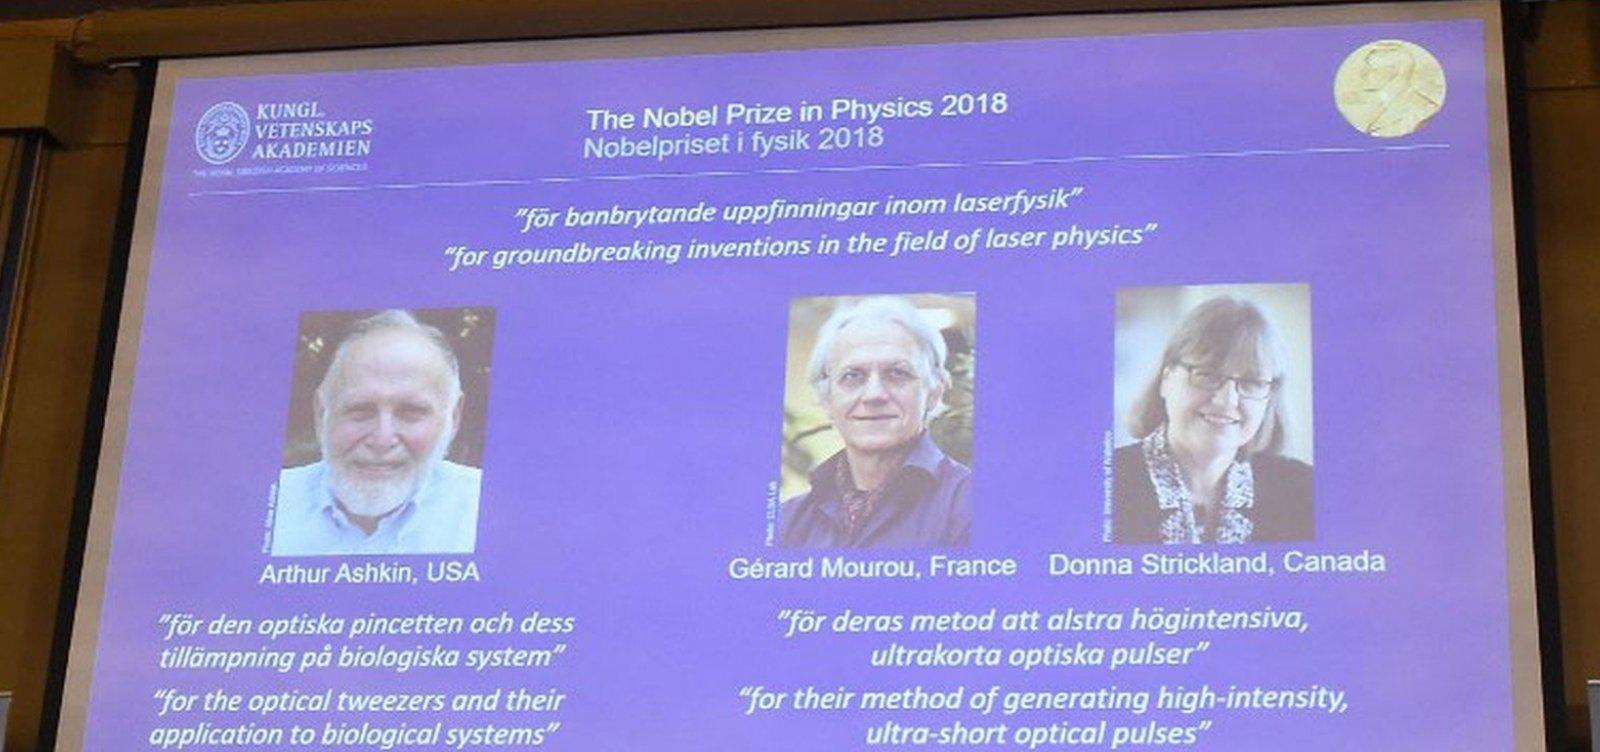 Trio leva Nobel de Física por descobertas com laser